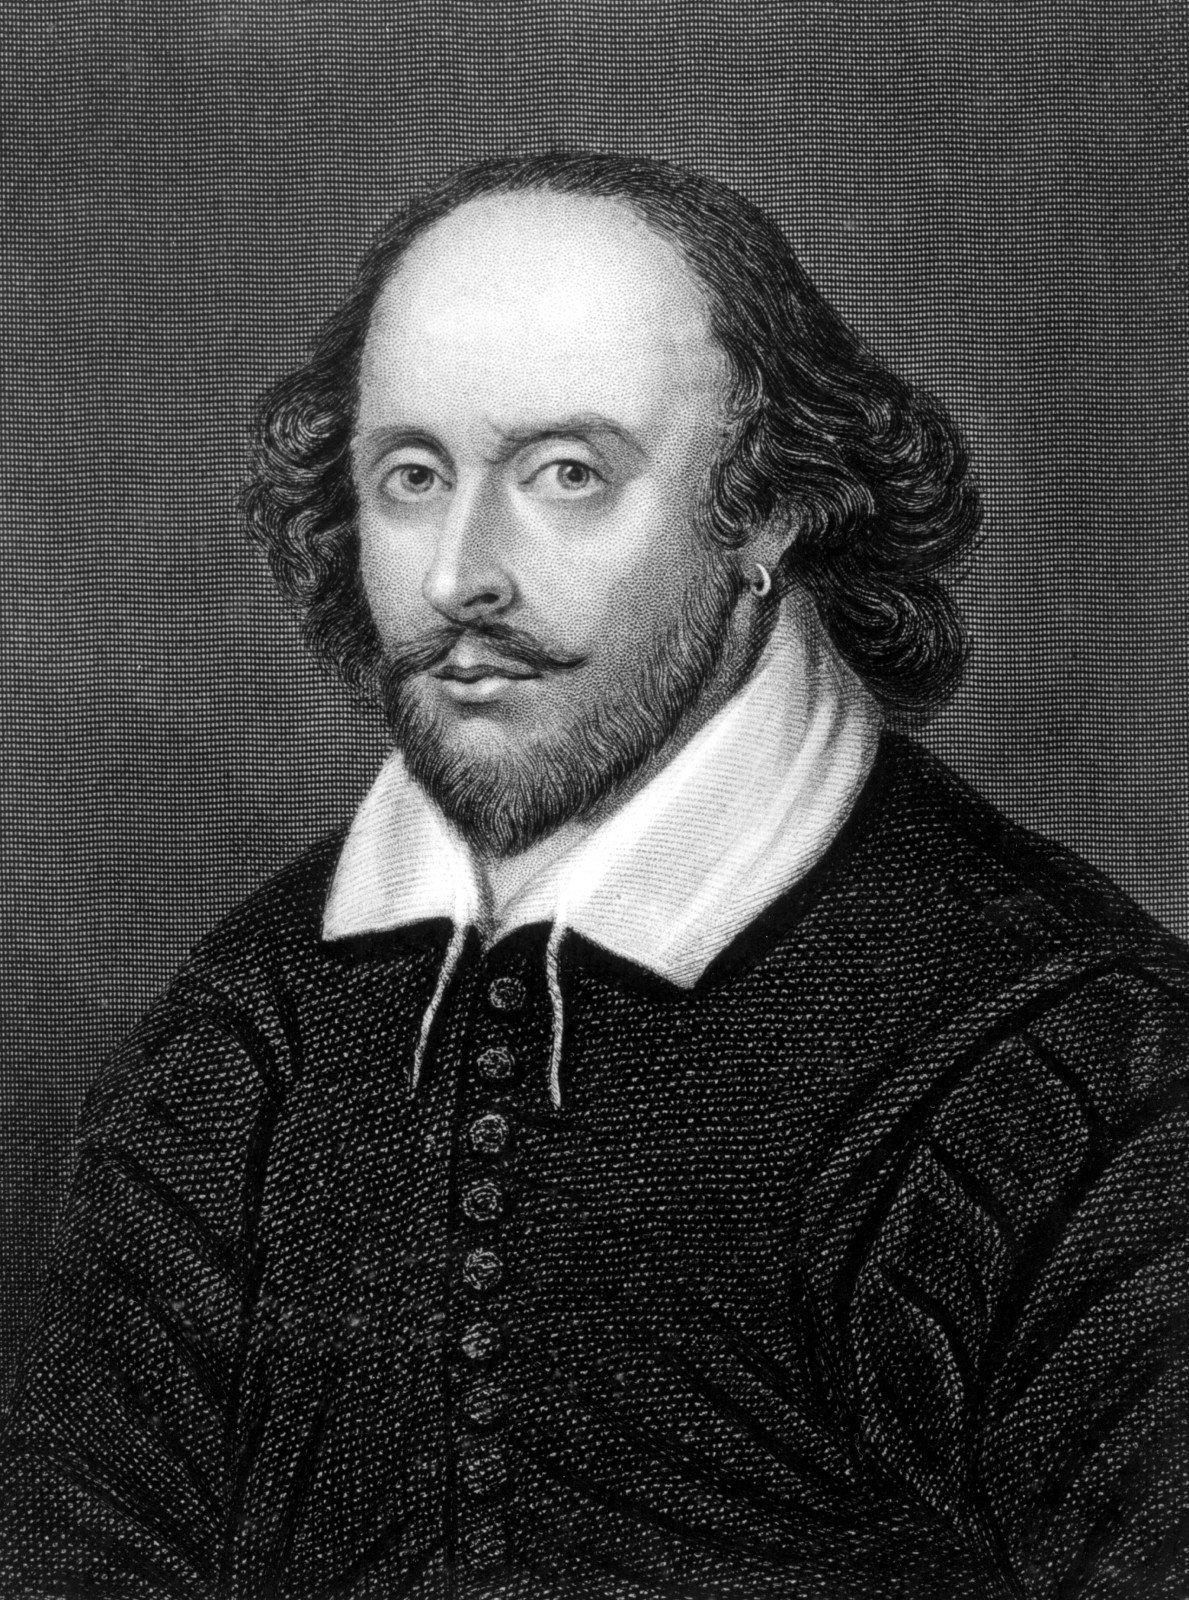 William Shakespeare | ClipArt ETC